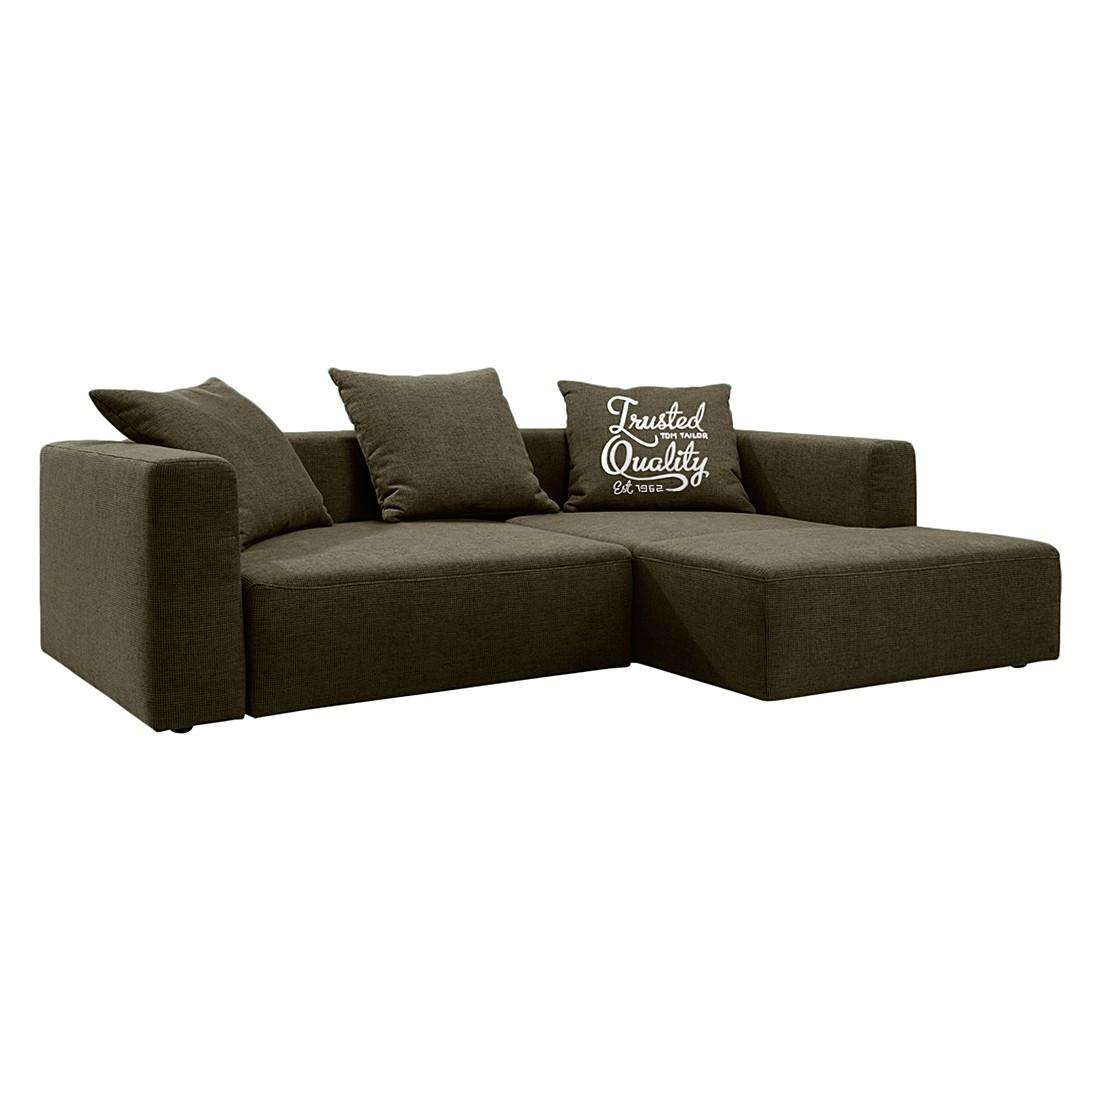 Ecksofa Heaven Casual XL - Webstoff - Longchair/Ottomane davorstehend rechts - Ohne Schlaffunktion - Braun, Tom Tailor